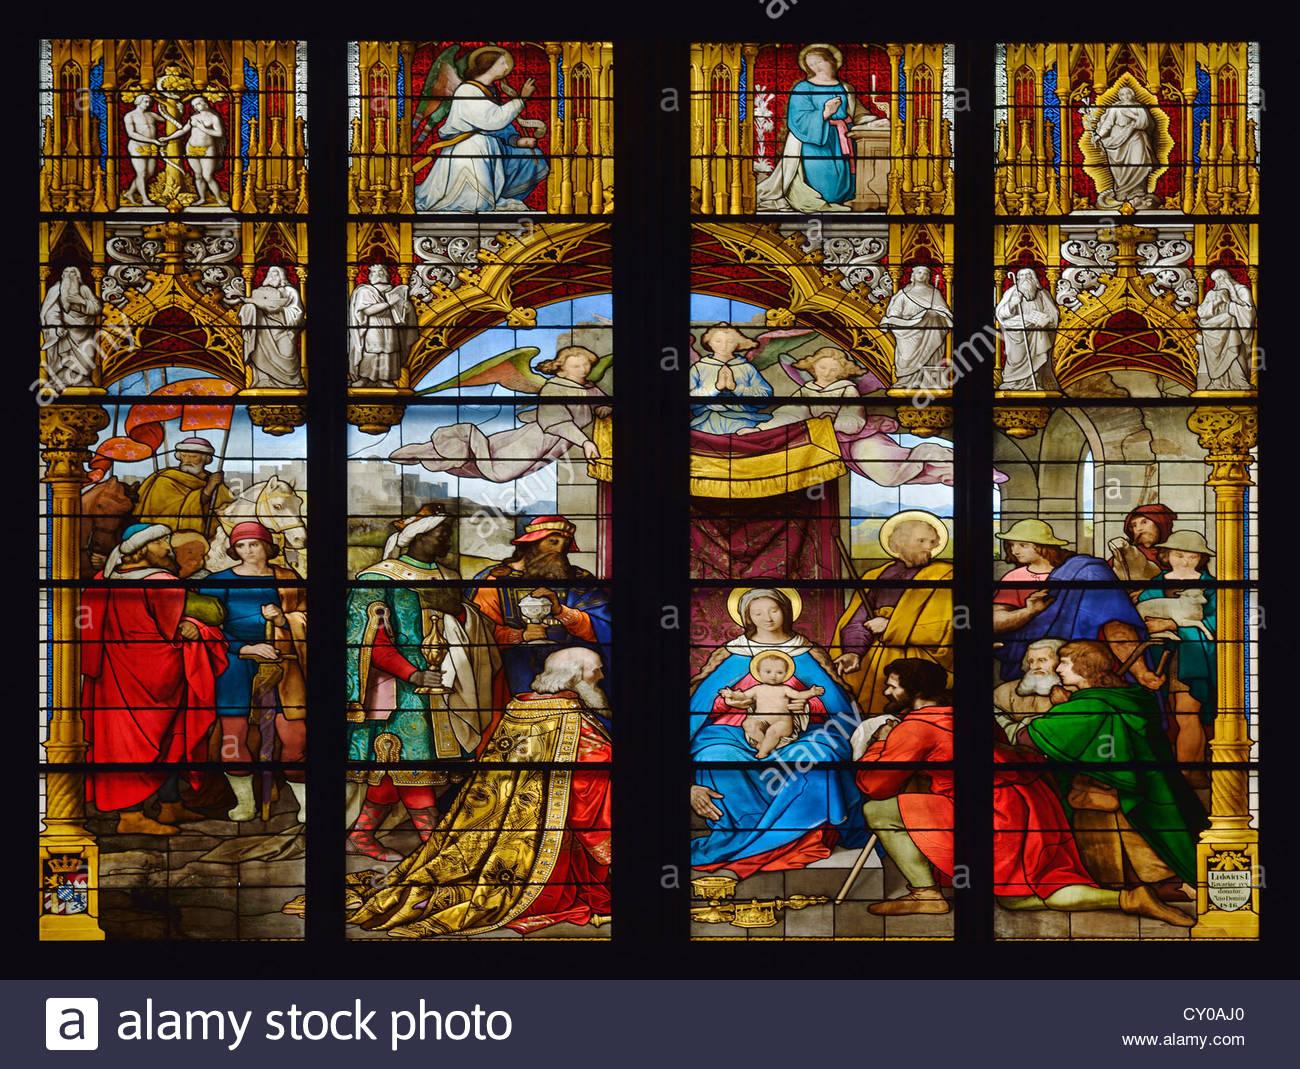 Dettaglio finestra bavarese, l'Adorazione dei Magi, i tre Re Magi in visita a Gesù Bambino, la cattedrale Immagini Stock